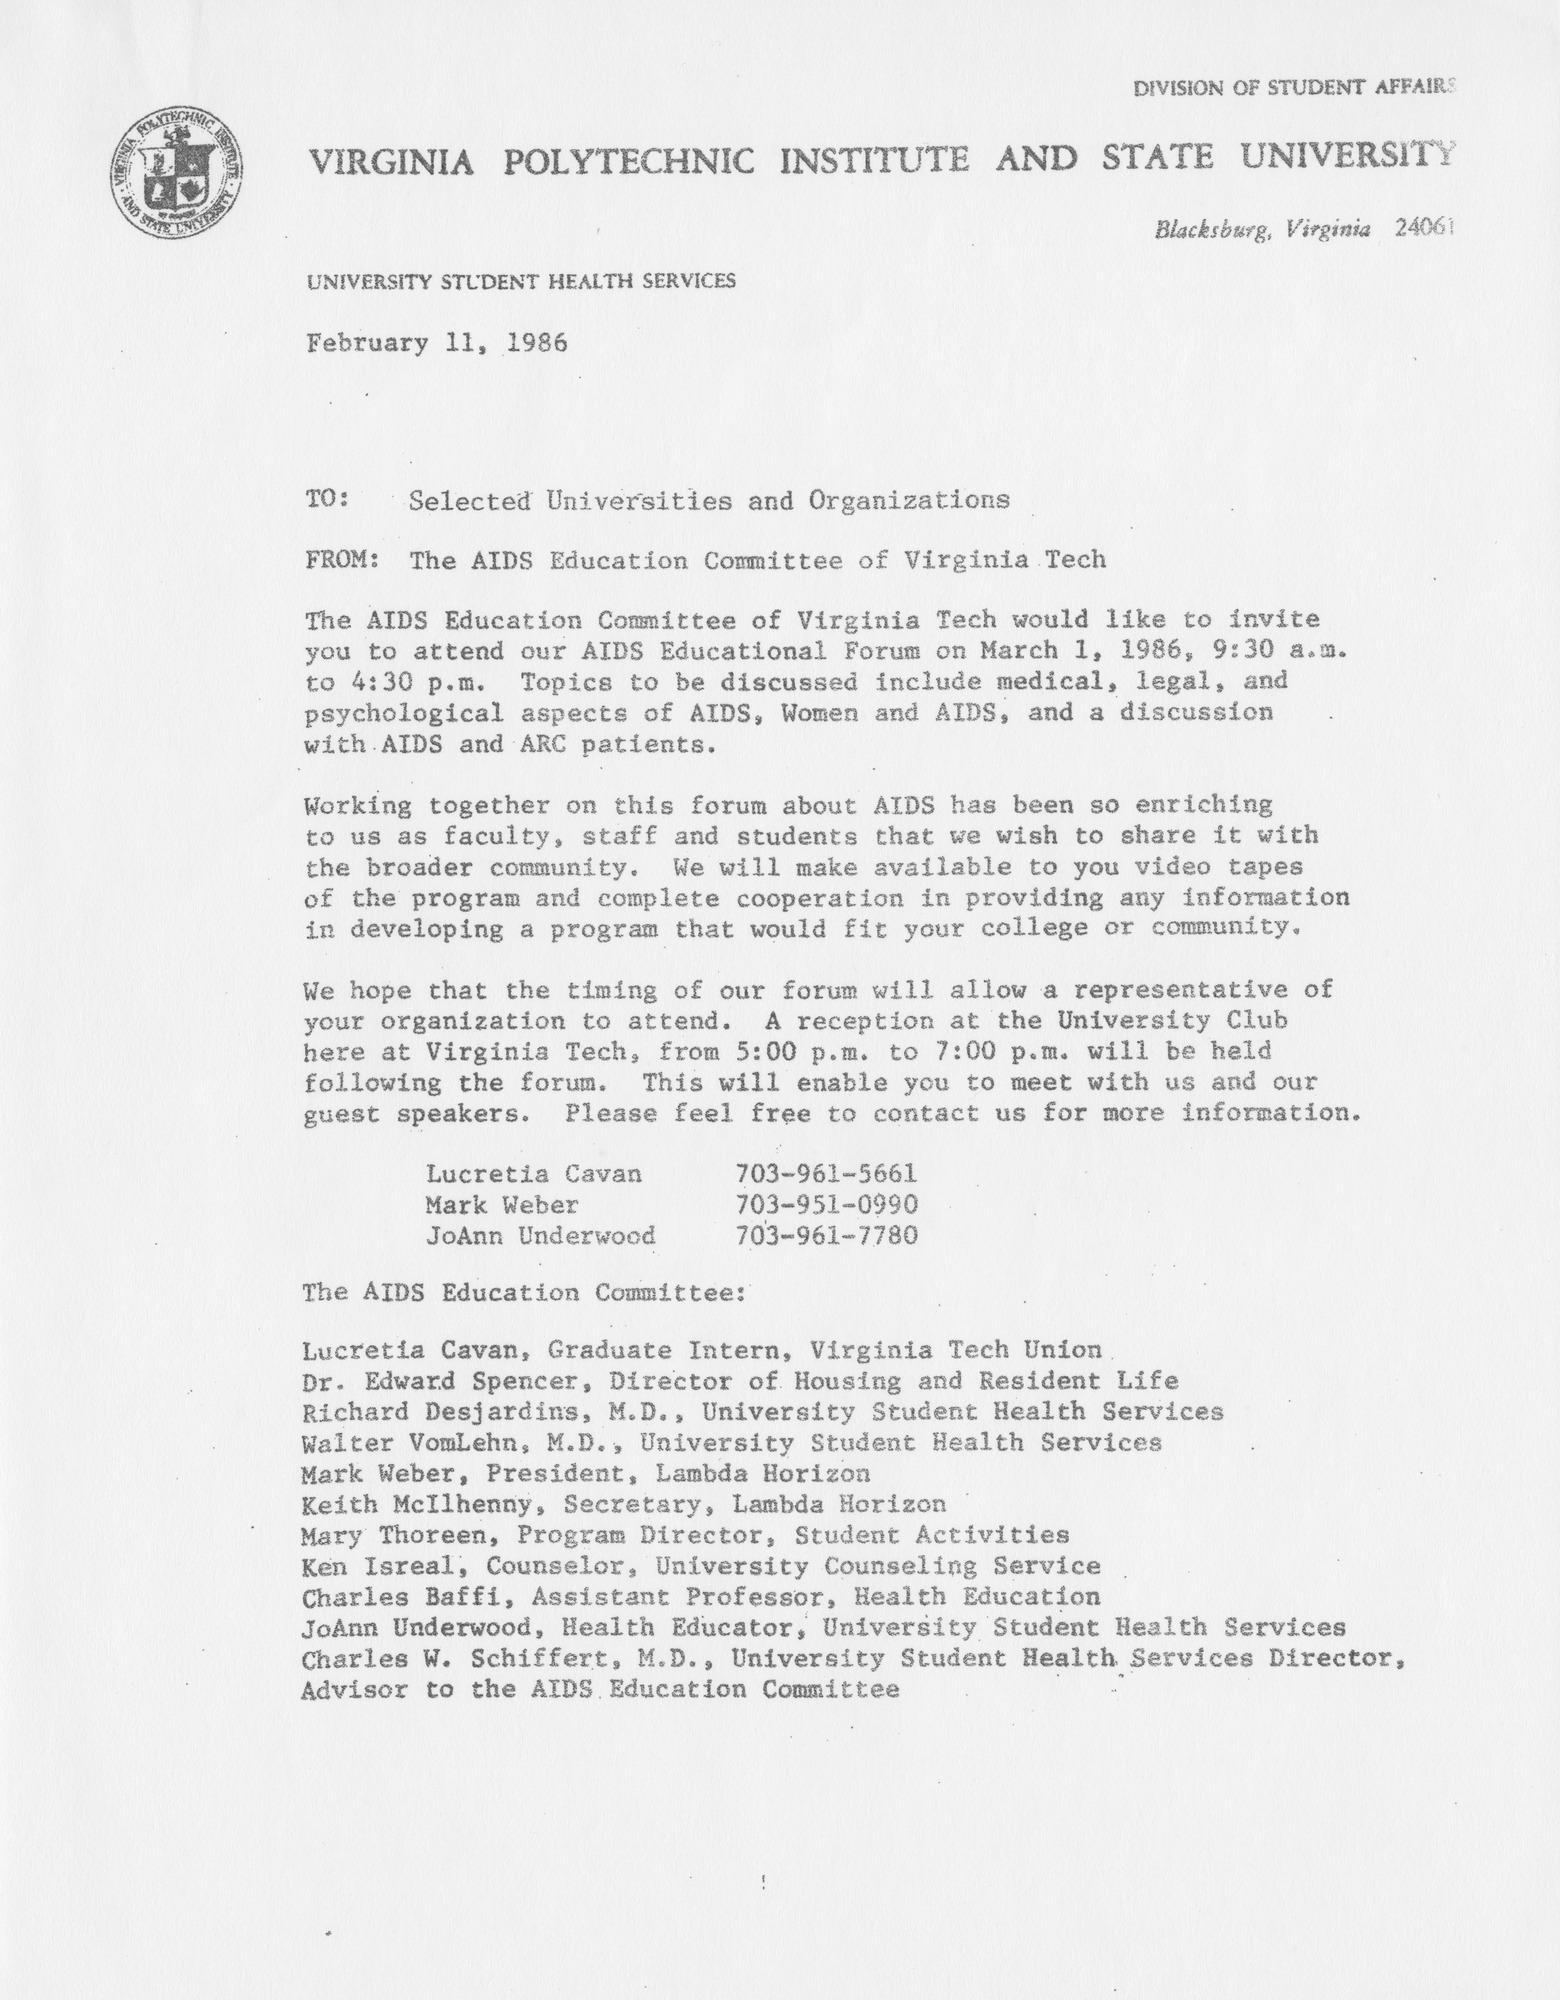 Ms2014-010_WeberMark_CorrespondenceAIDSEducation_1986_0211.jpg